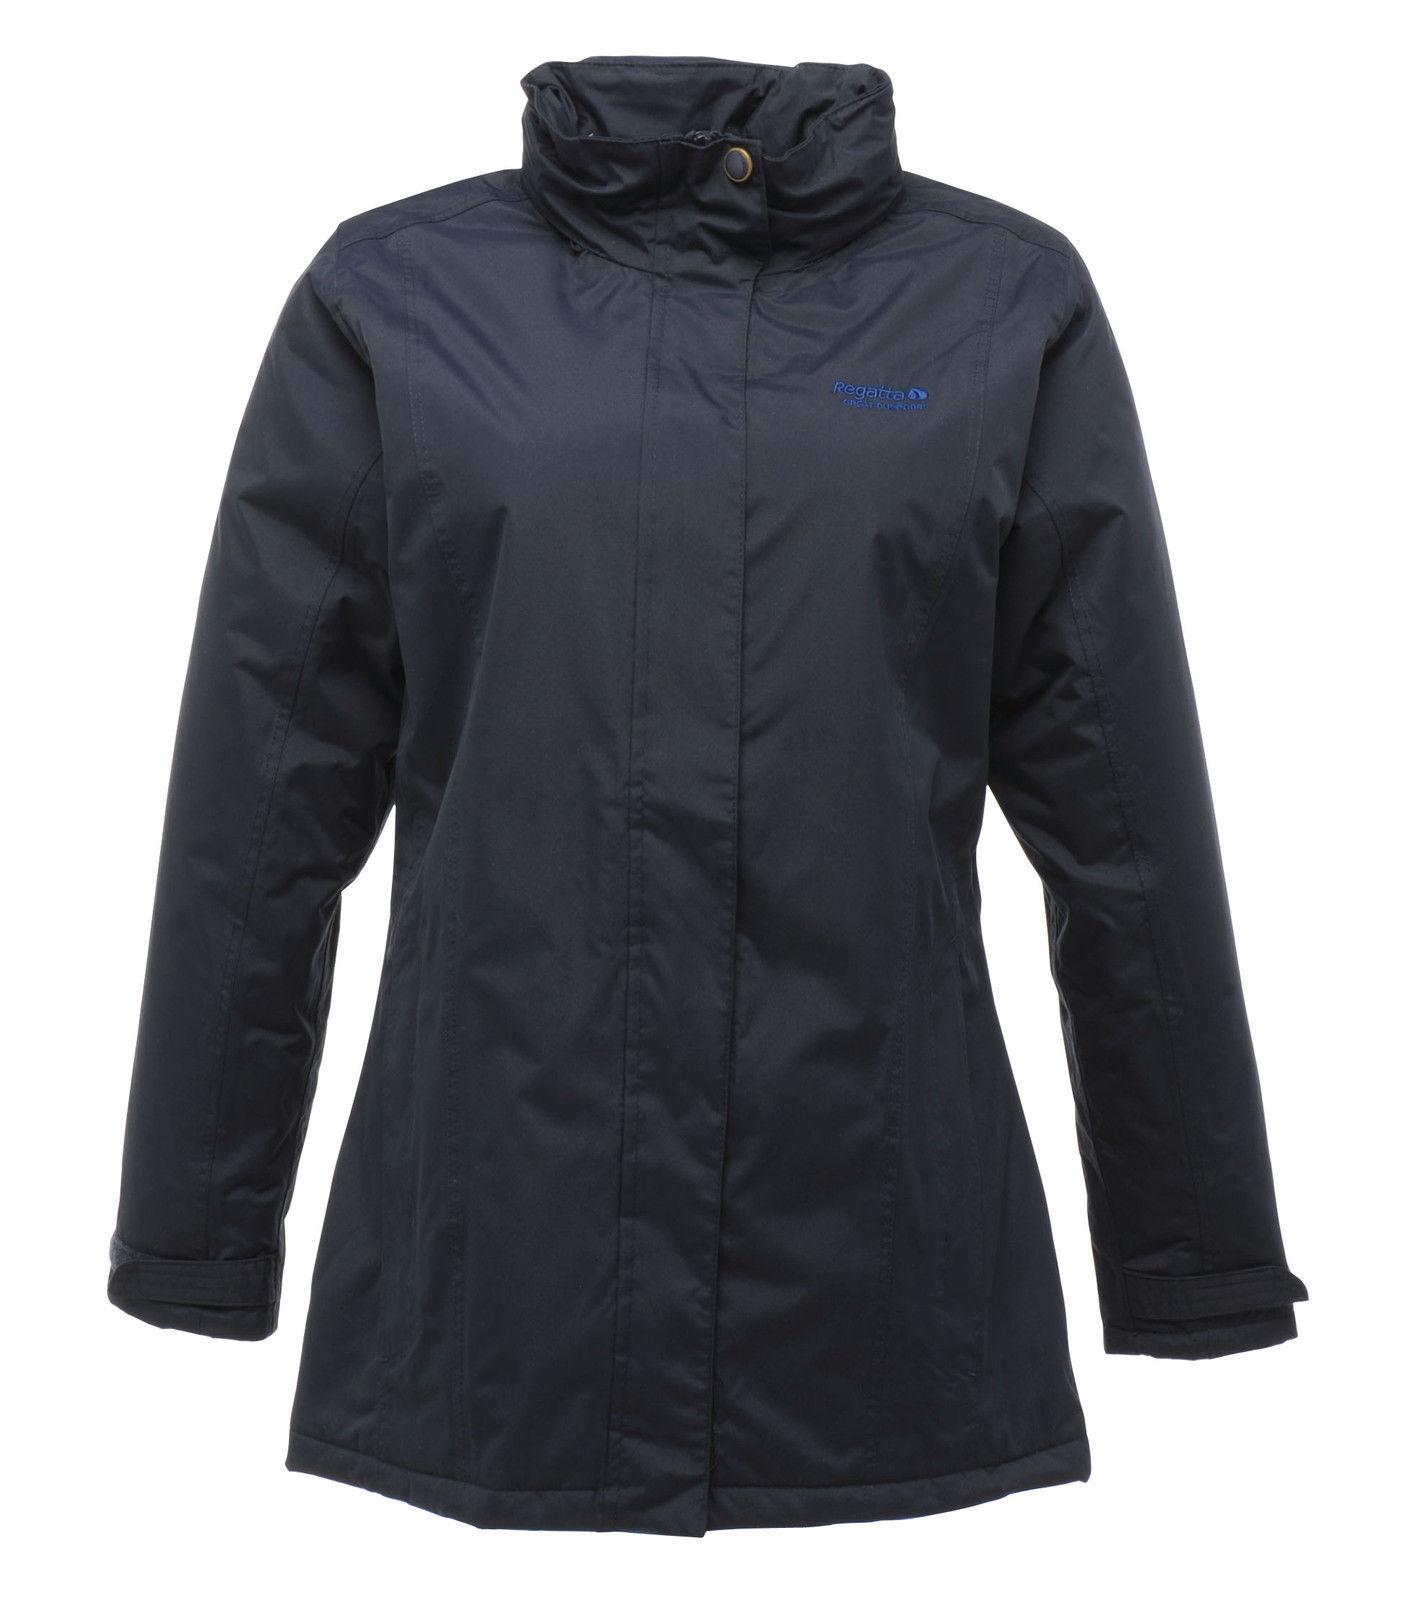 Regatta Women//Ladies Blanche Padded Waterproof Jacket